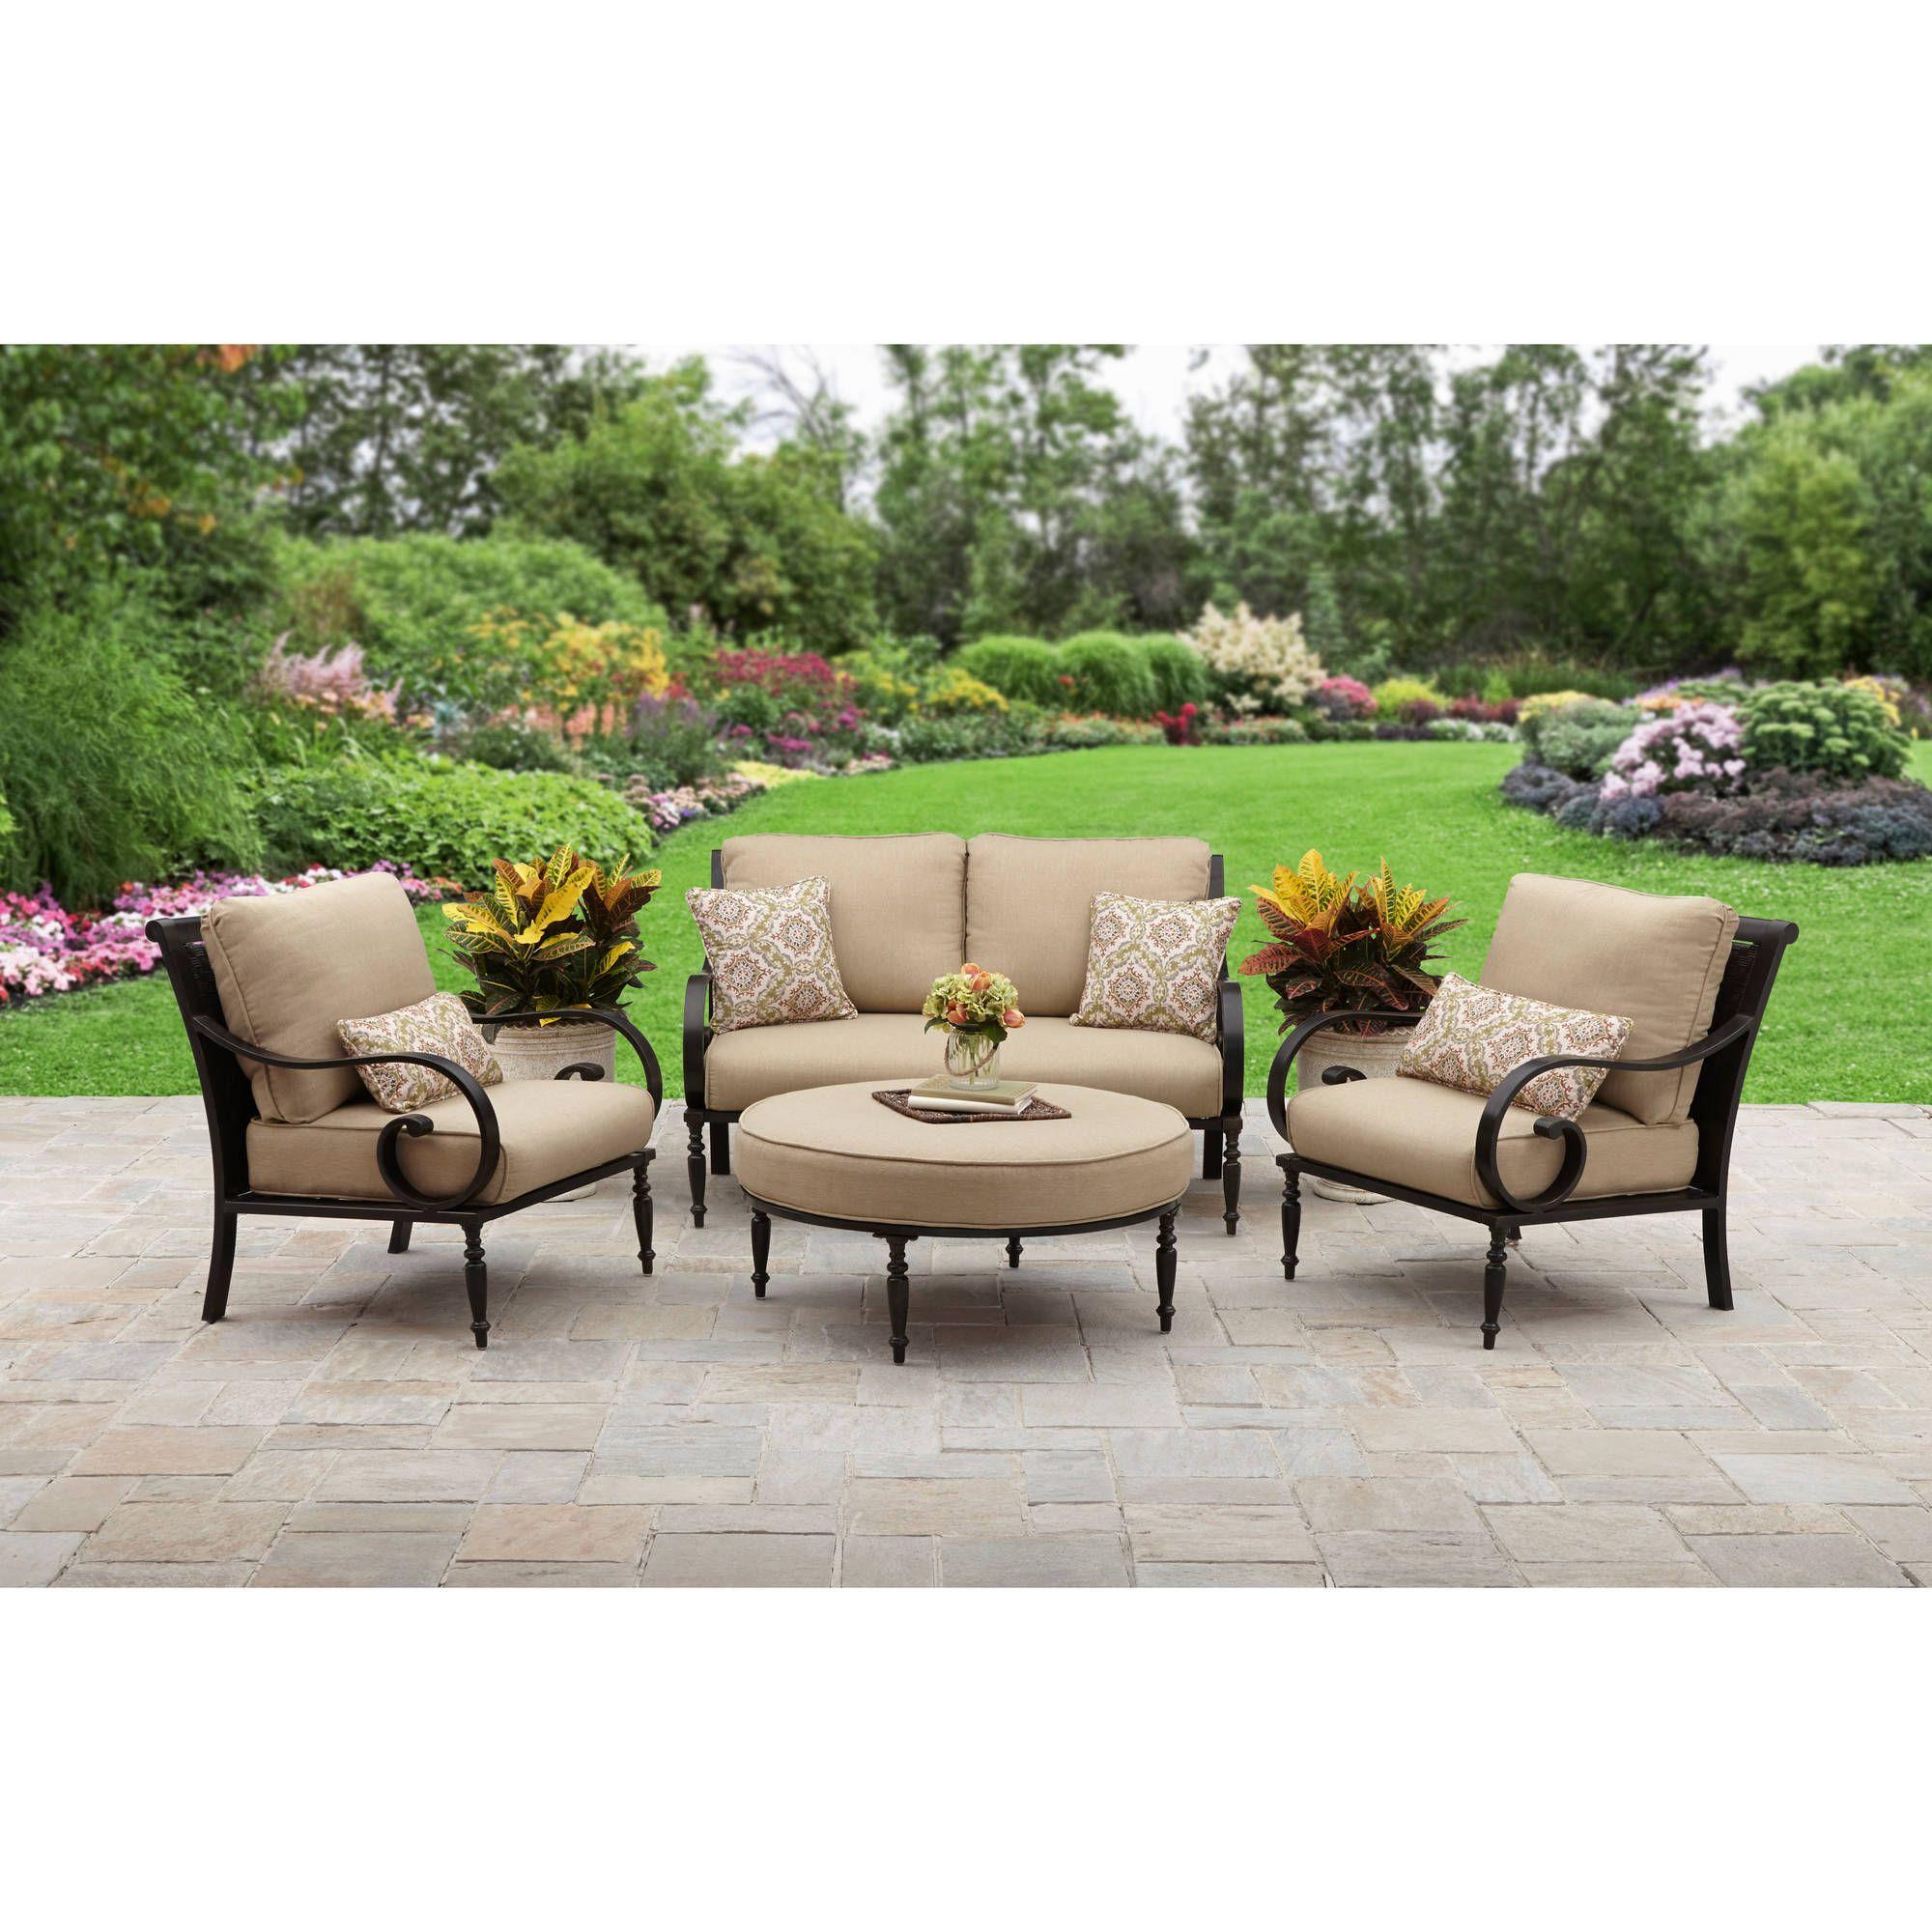 Better Homes and Garden Carter Hills Outdoor Conversation